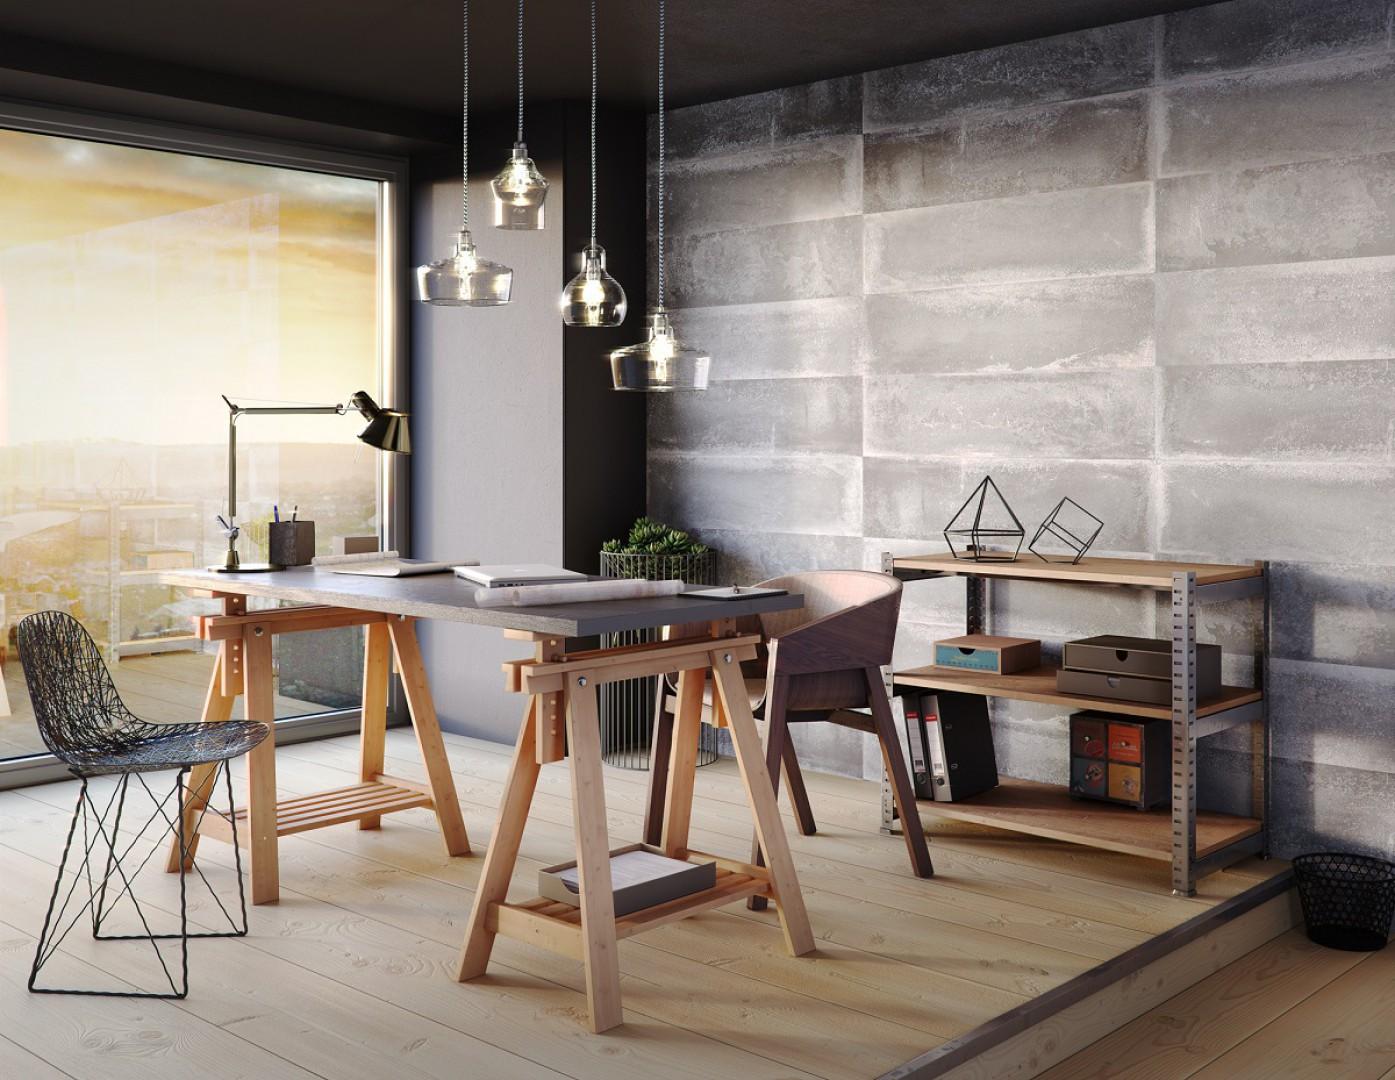 Loftowy dekor na ścianie podkreśla klimat wnętrza. Fot. Kerradeco